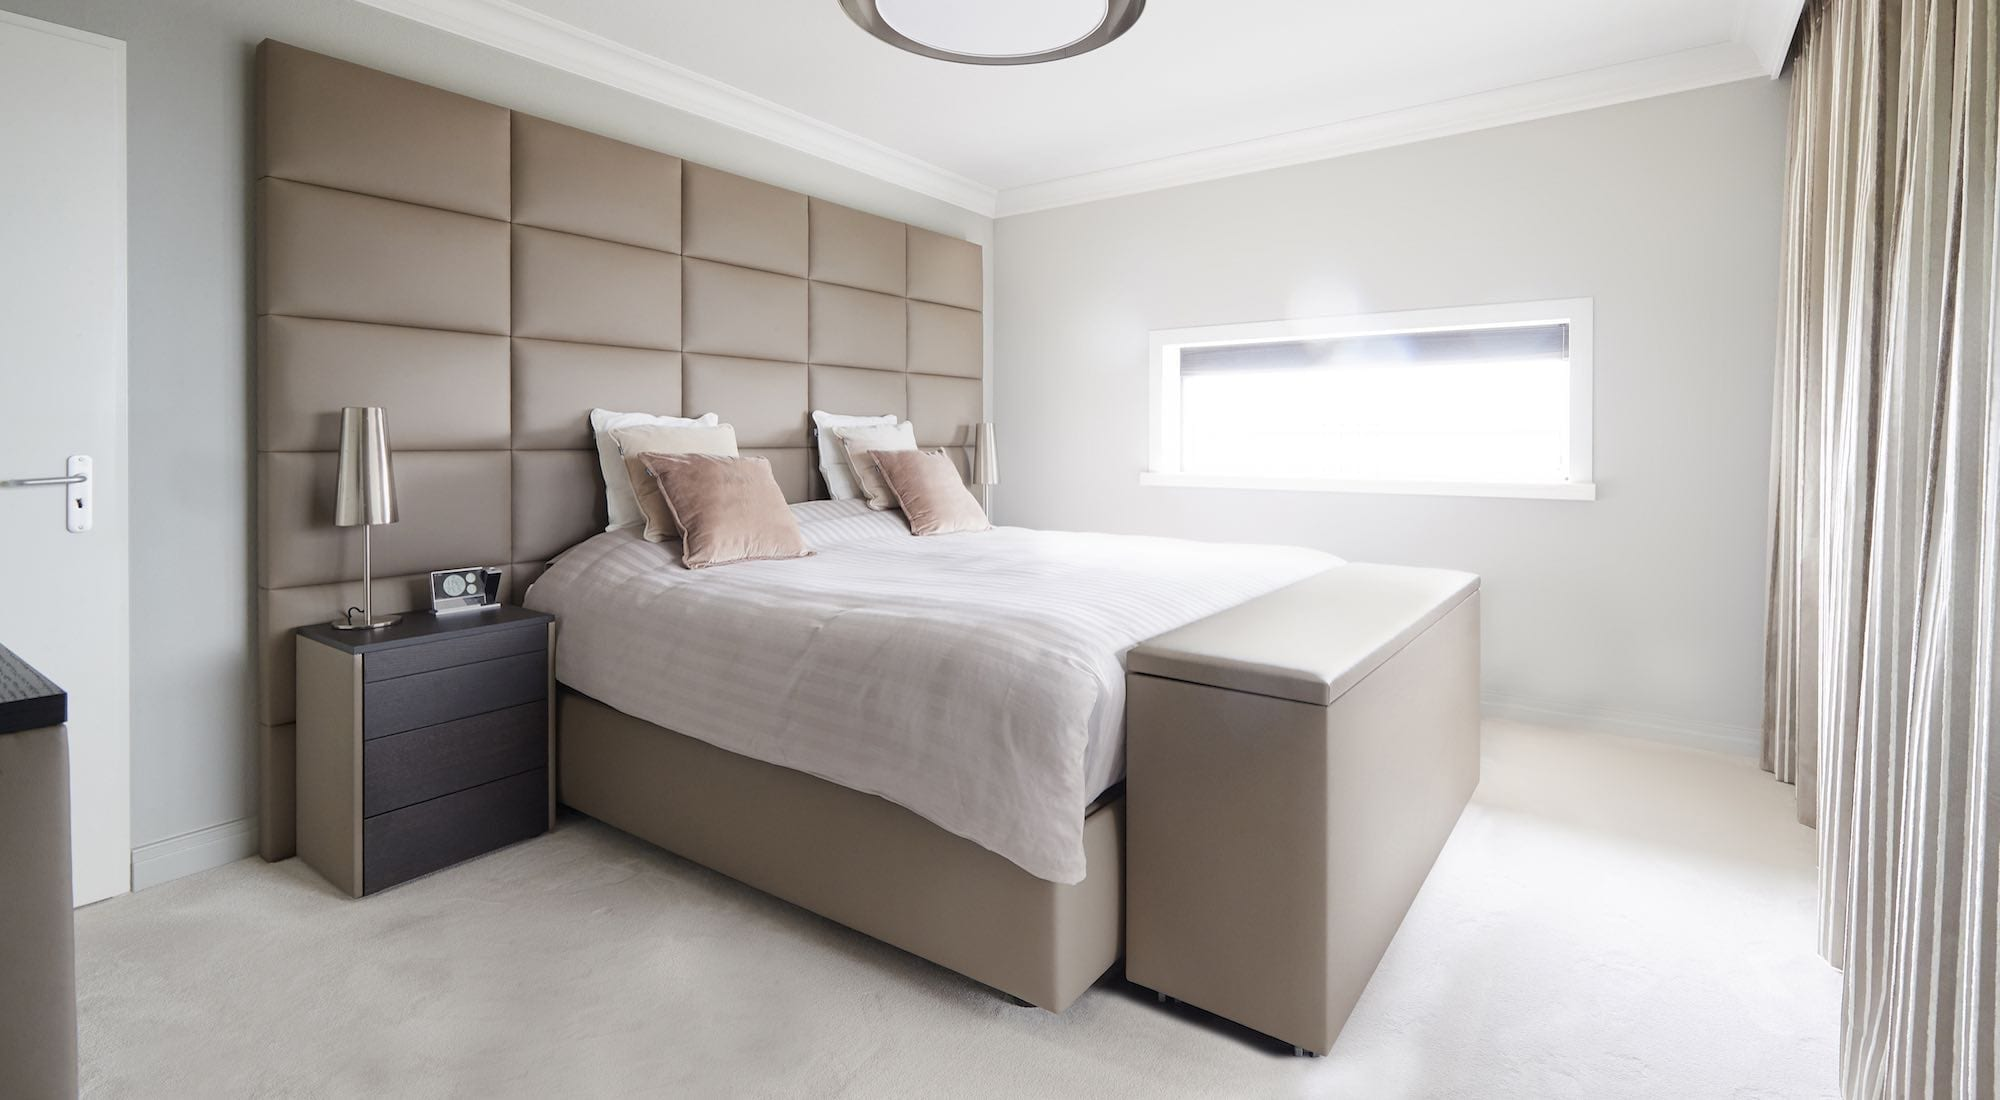 Verrassend Kingsize bed op maat - De Suite Bedden en boxsprings GE-48